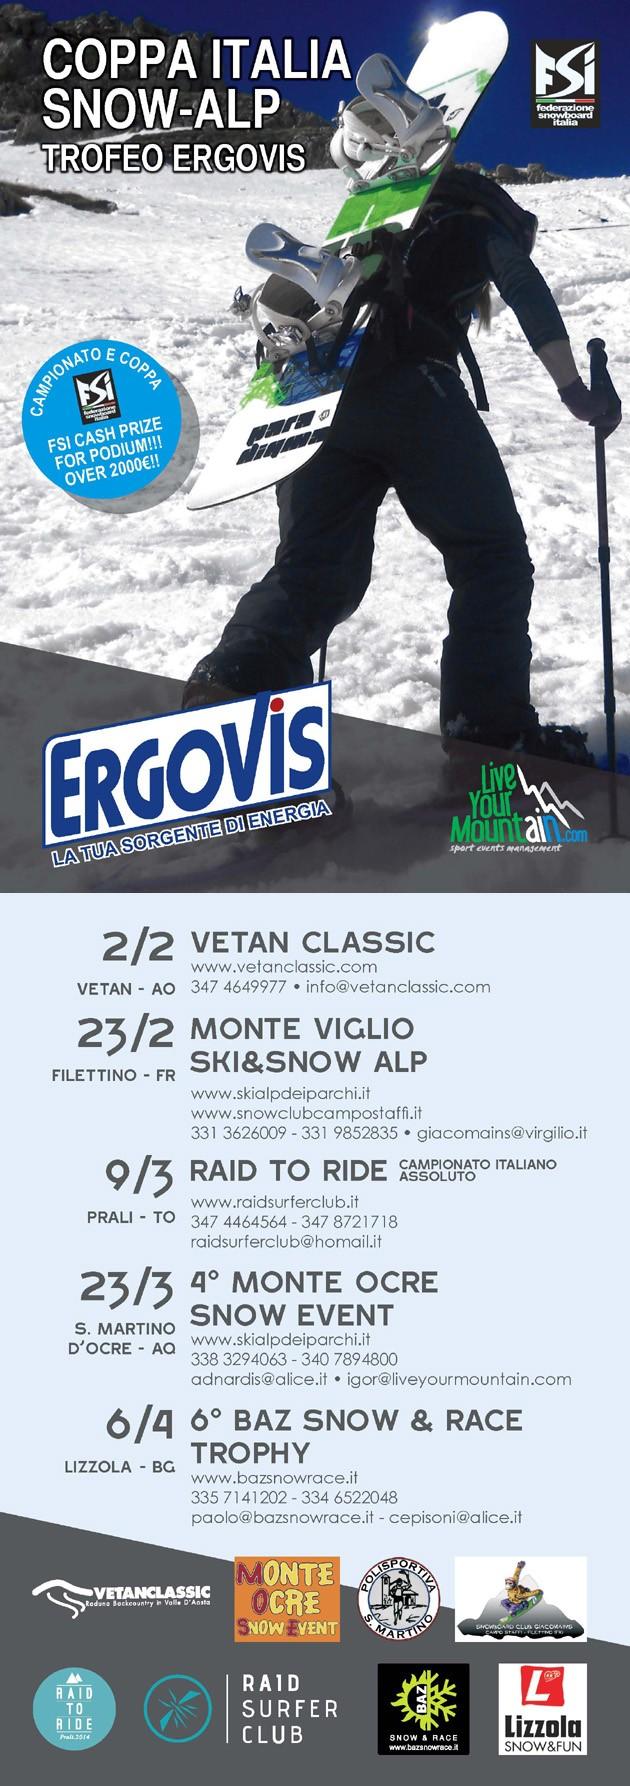 flyer Italian Snow Alp Cup